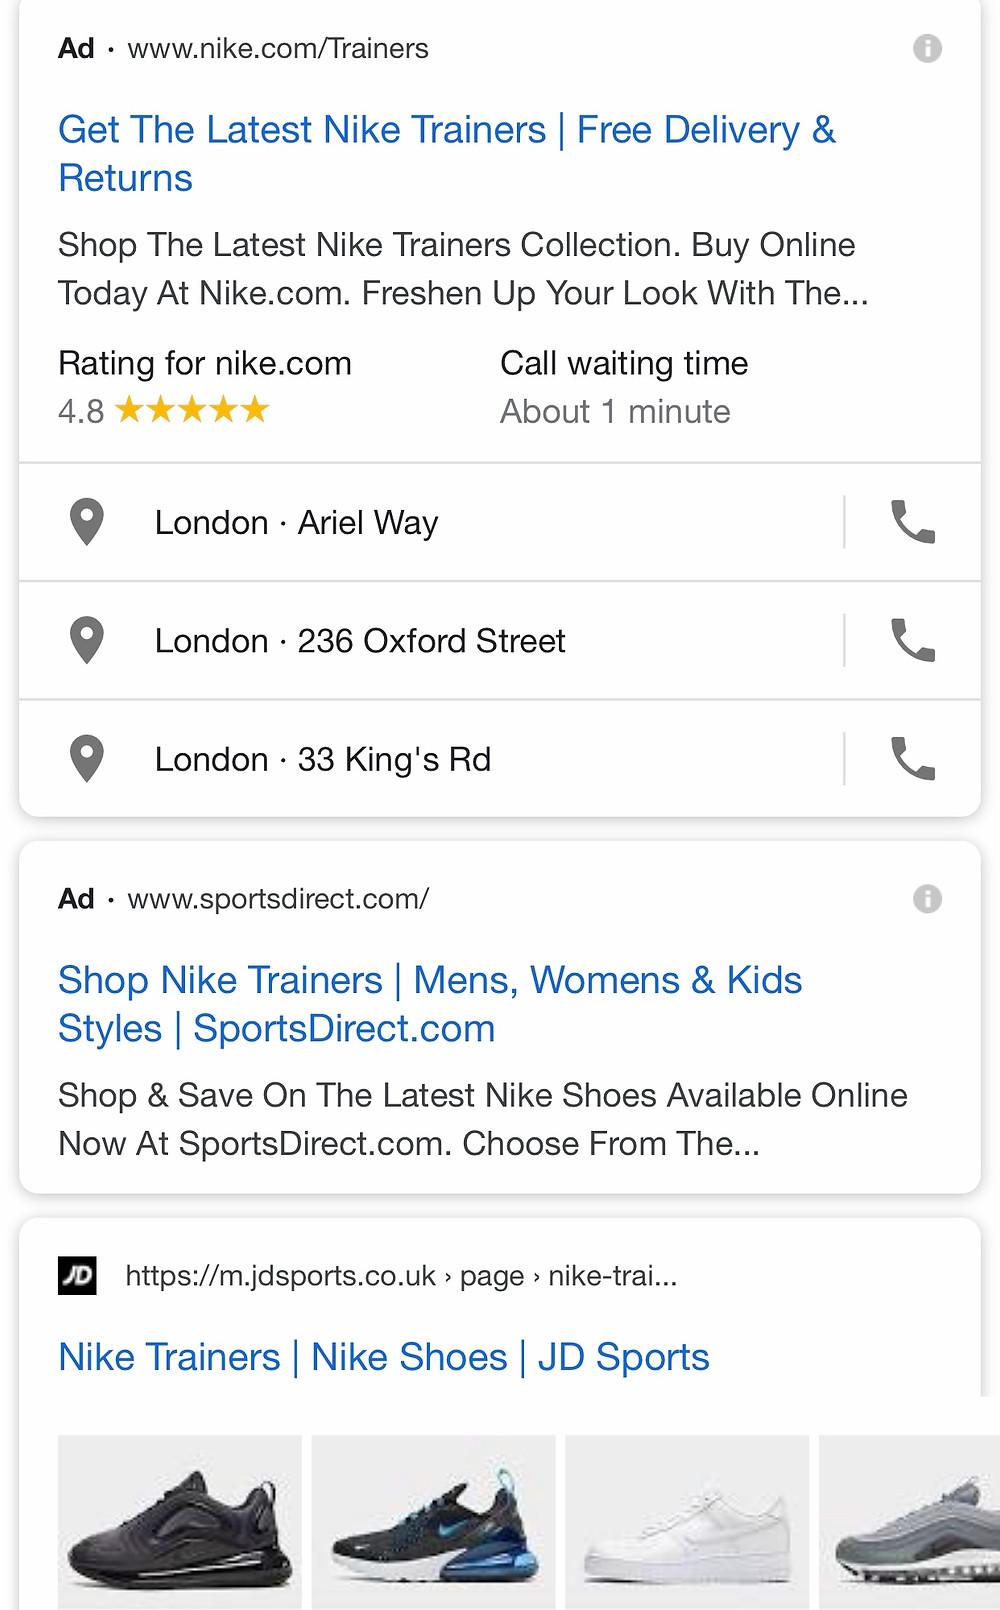 Google mobile SERP